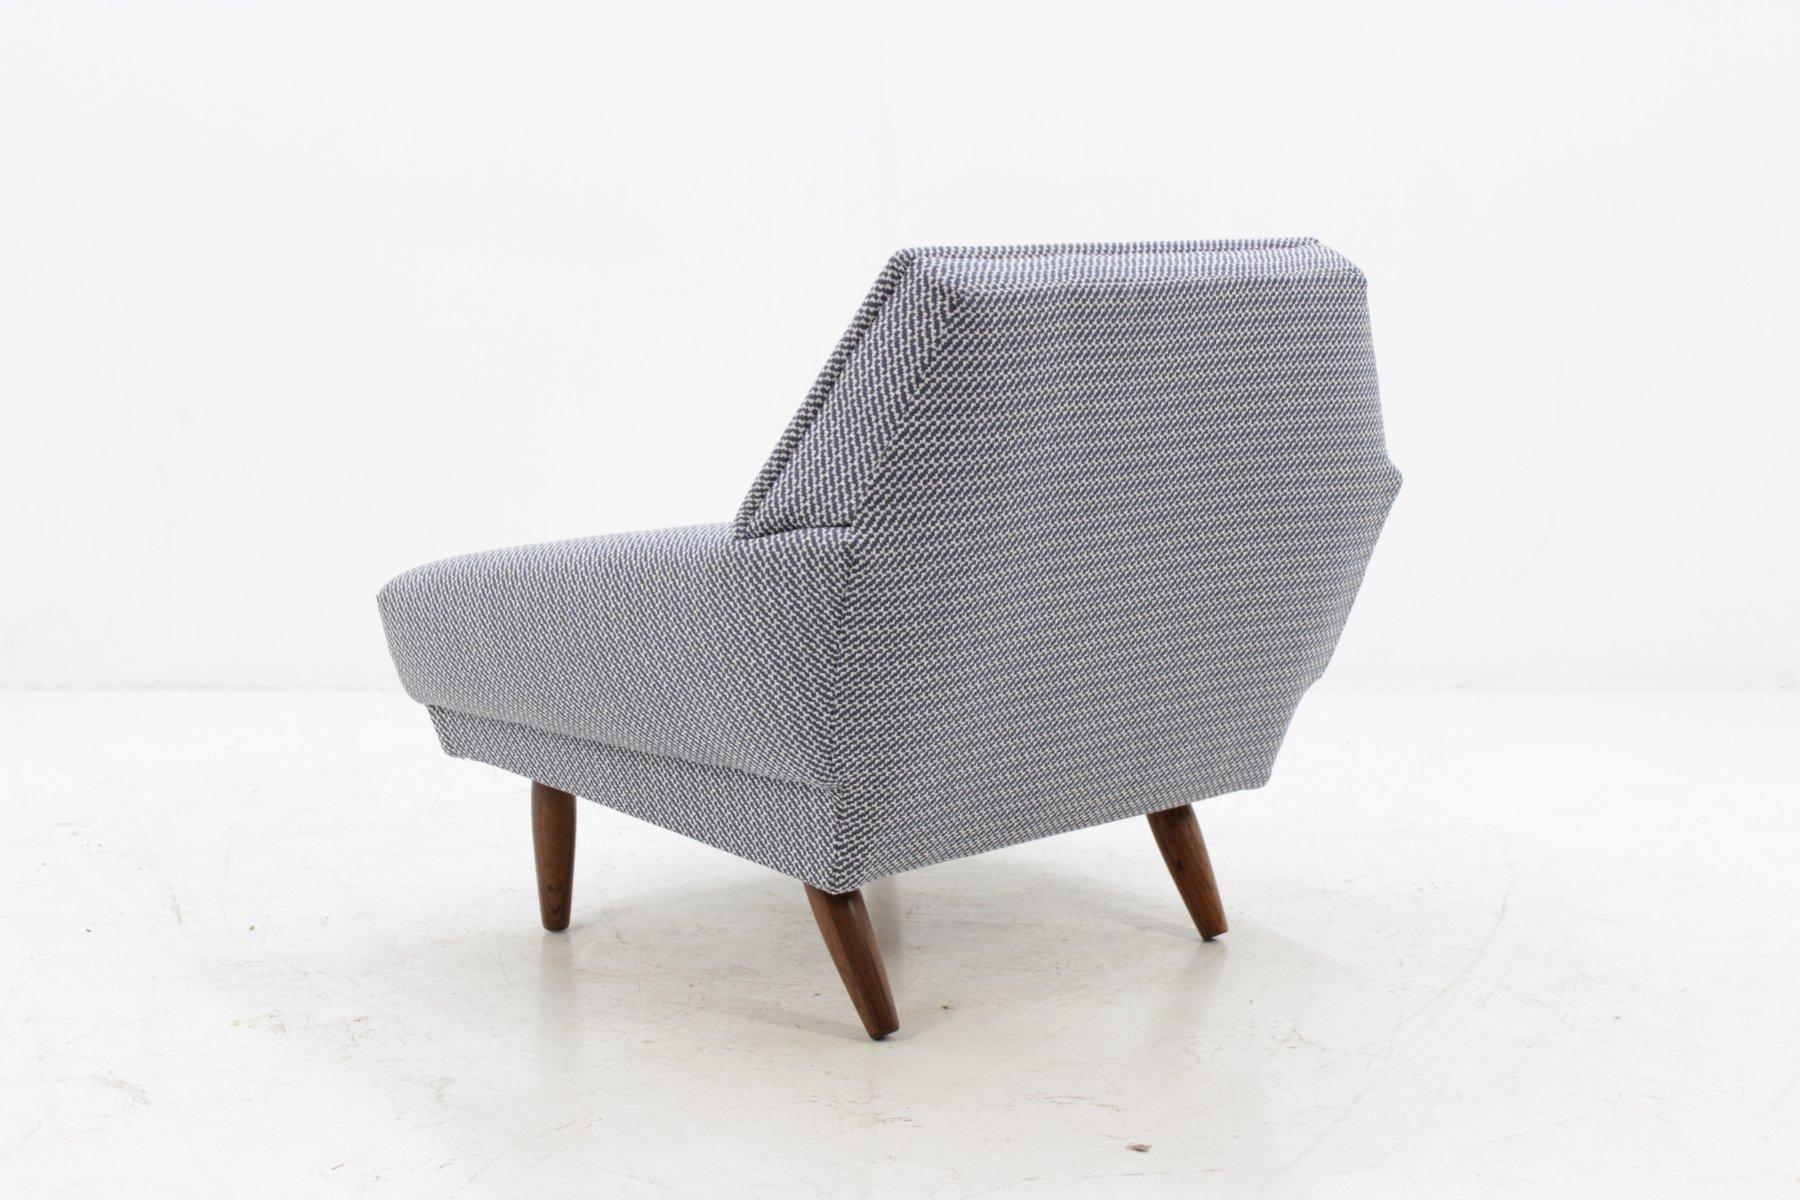 d nischer sessel aus eiche 1960 bei pamono kaufen. Black Bedroom Furniture Sets. Home Design Ideas